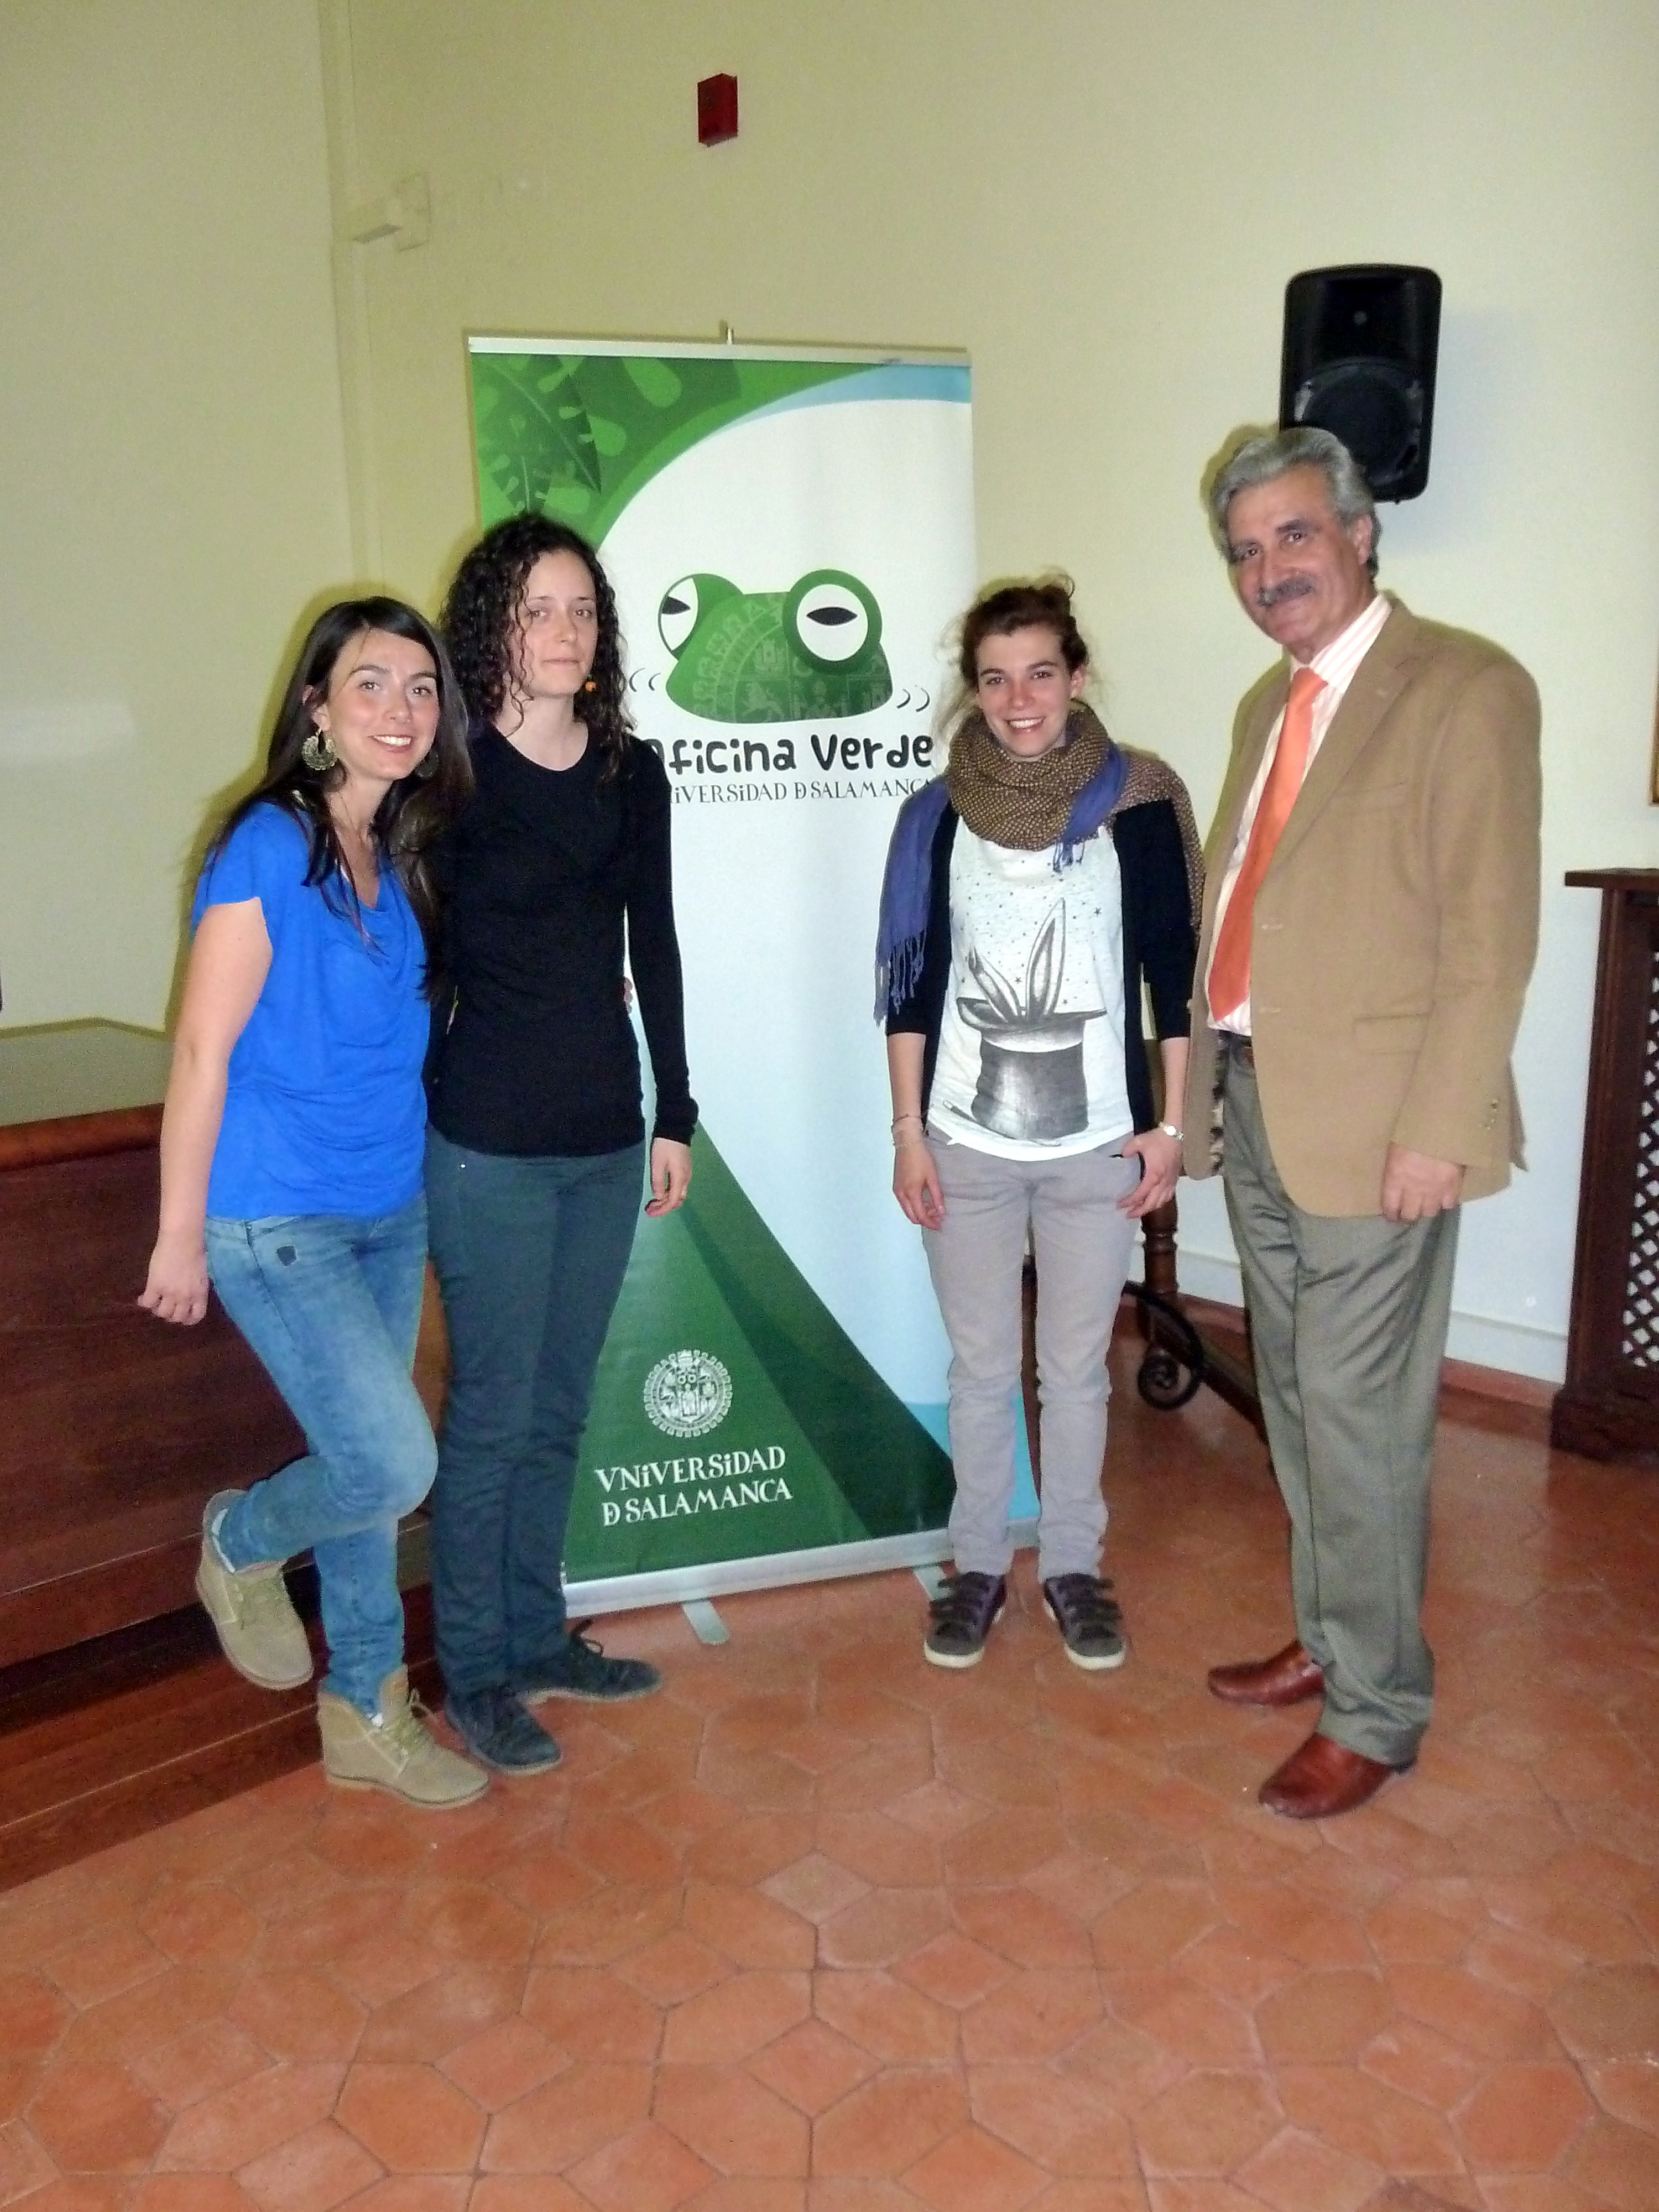 La Oficina Verde de la Universidad de Salamanca entrega los premios 'Eslogan de ahorro energético' y 'Bici-Call'